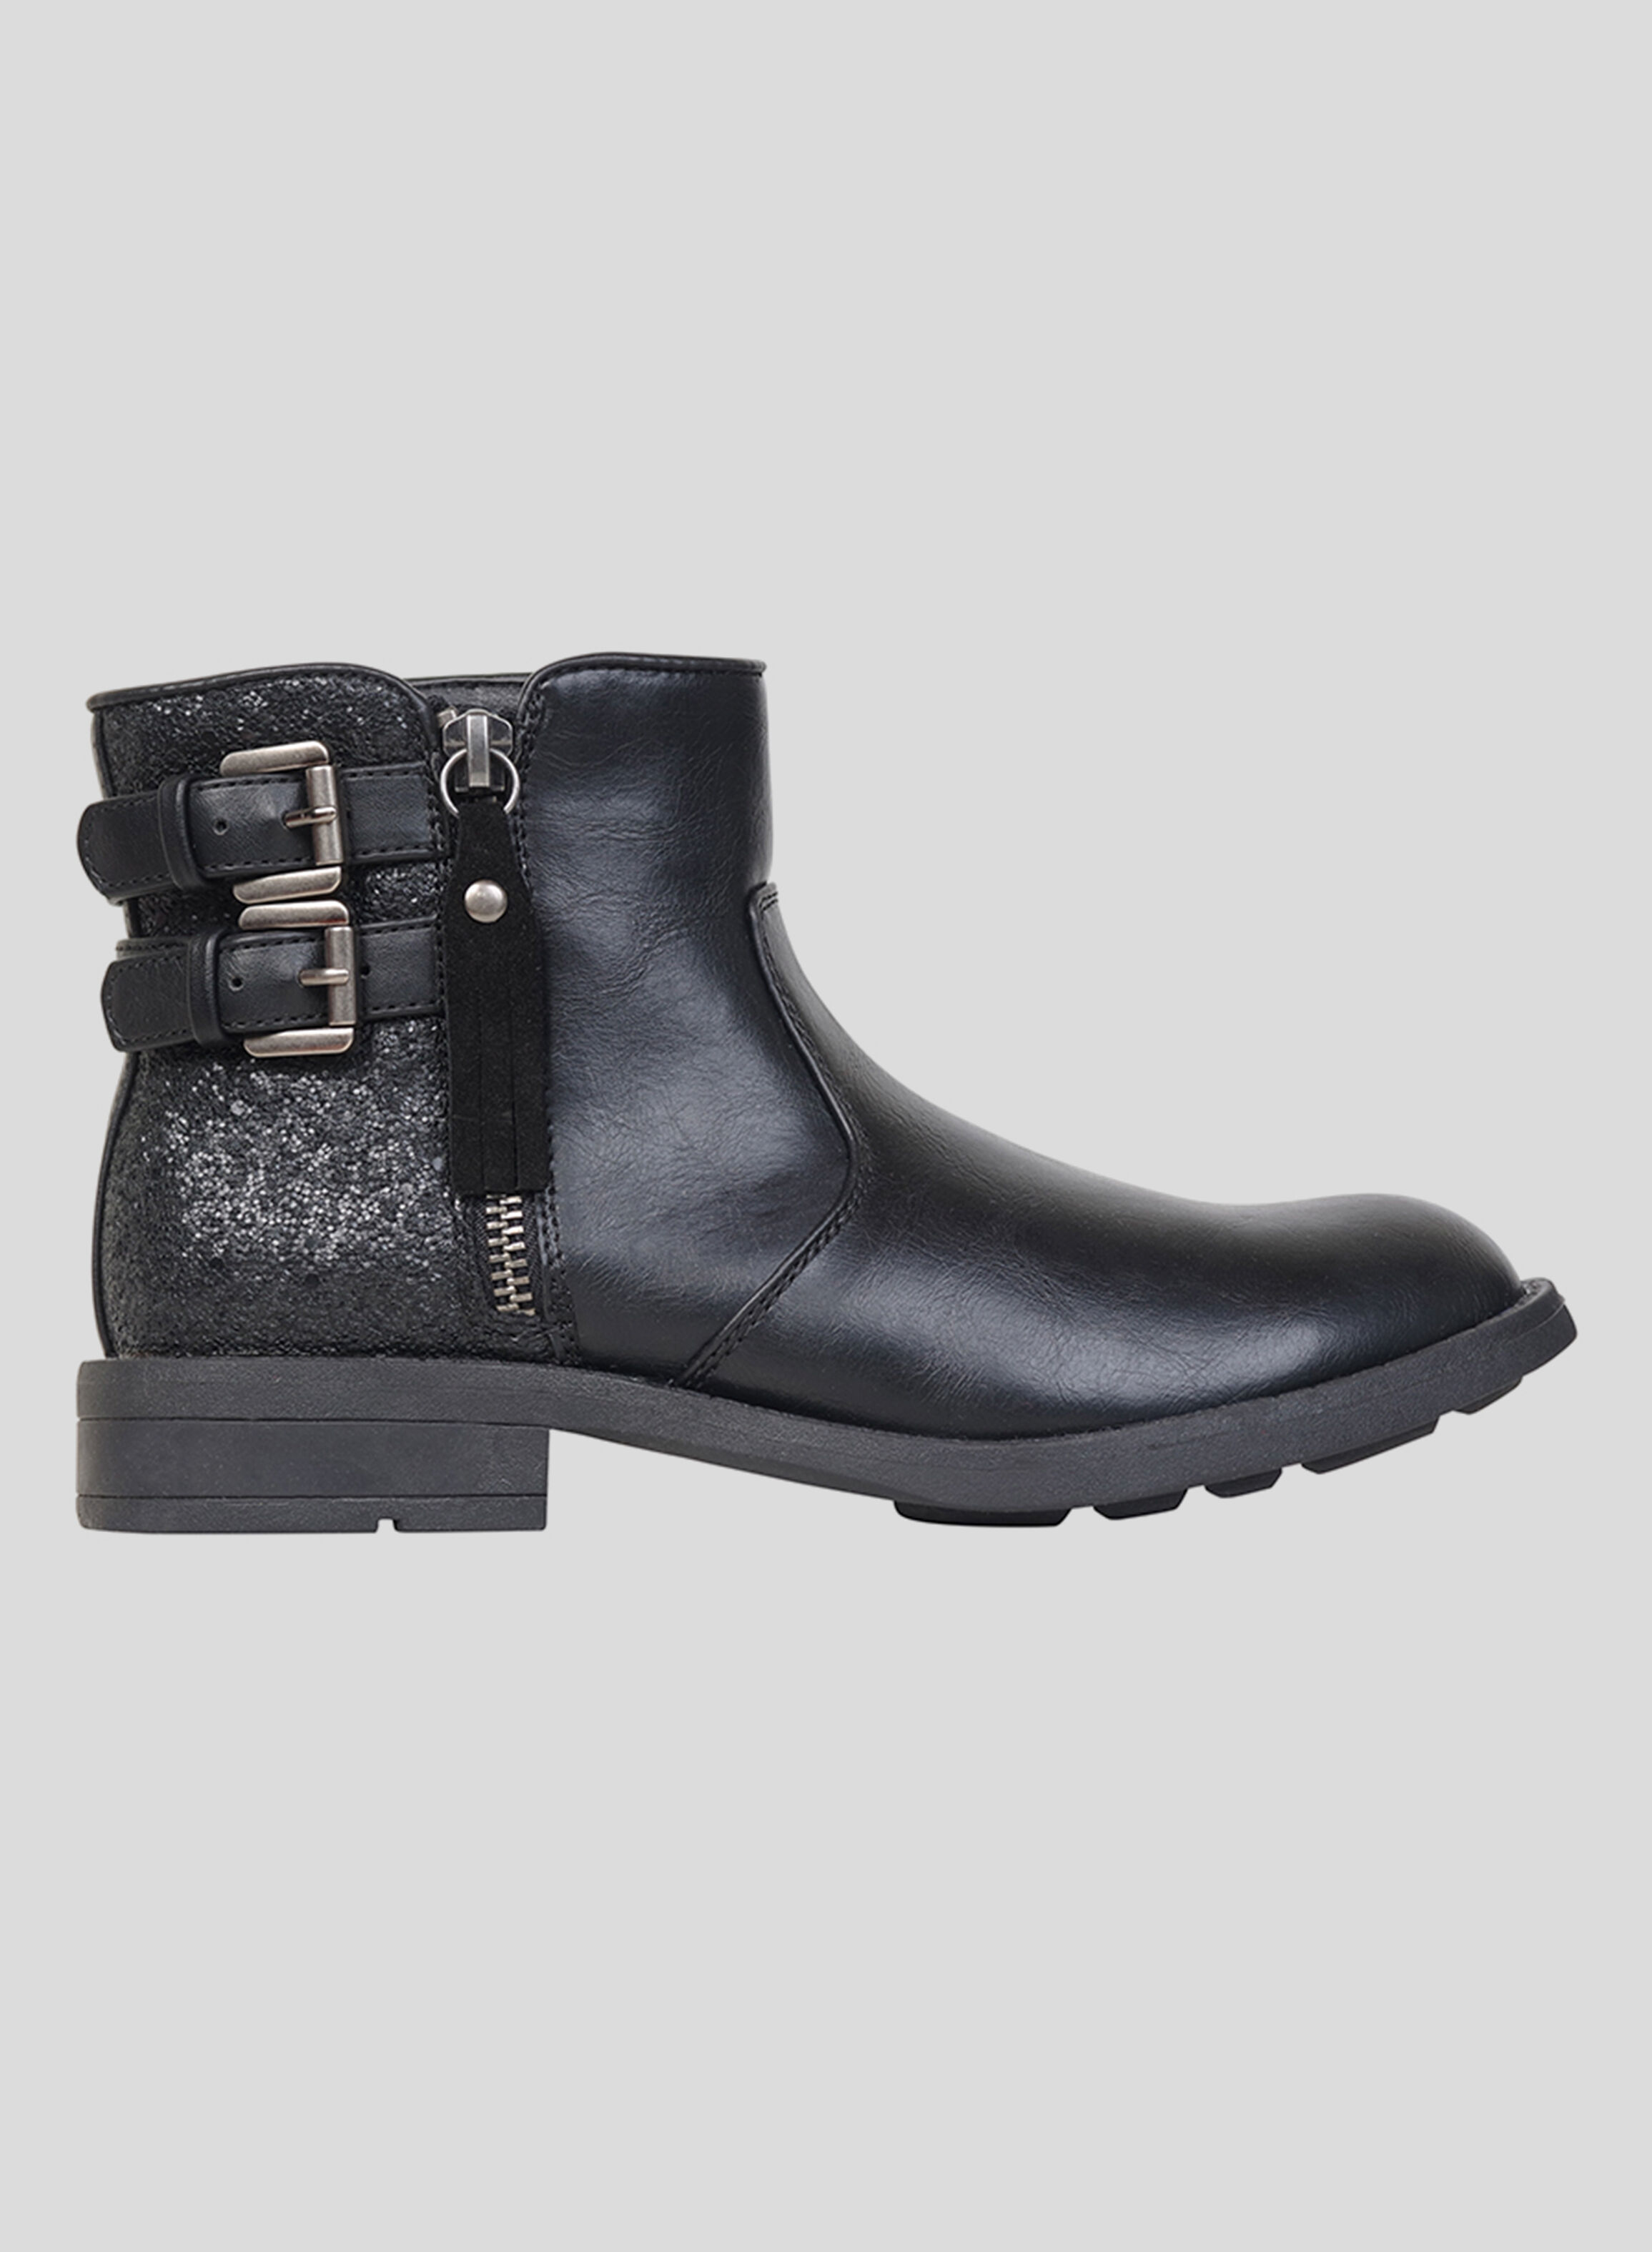 Los Zapatos Niñas Cl Que Iuokpxzt Modelos Prefierenparis Ellas XTOikuPZ